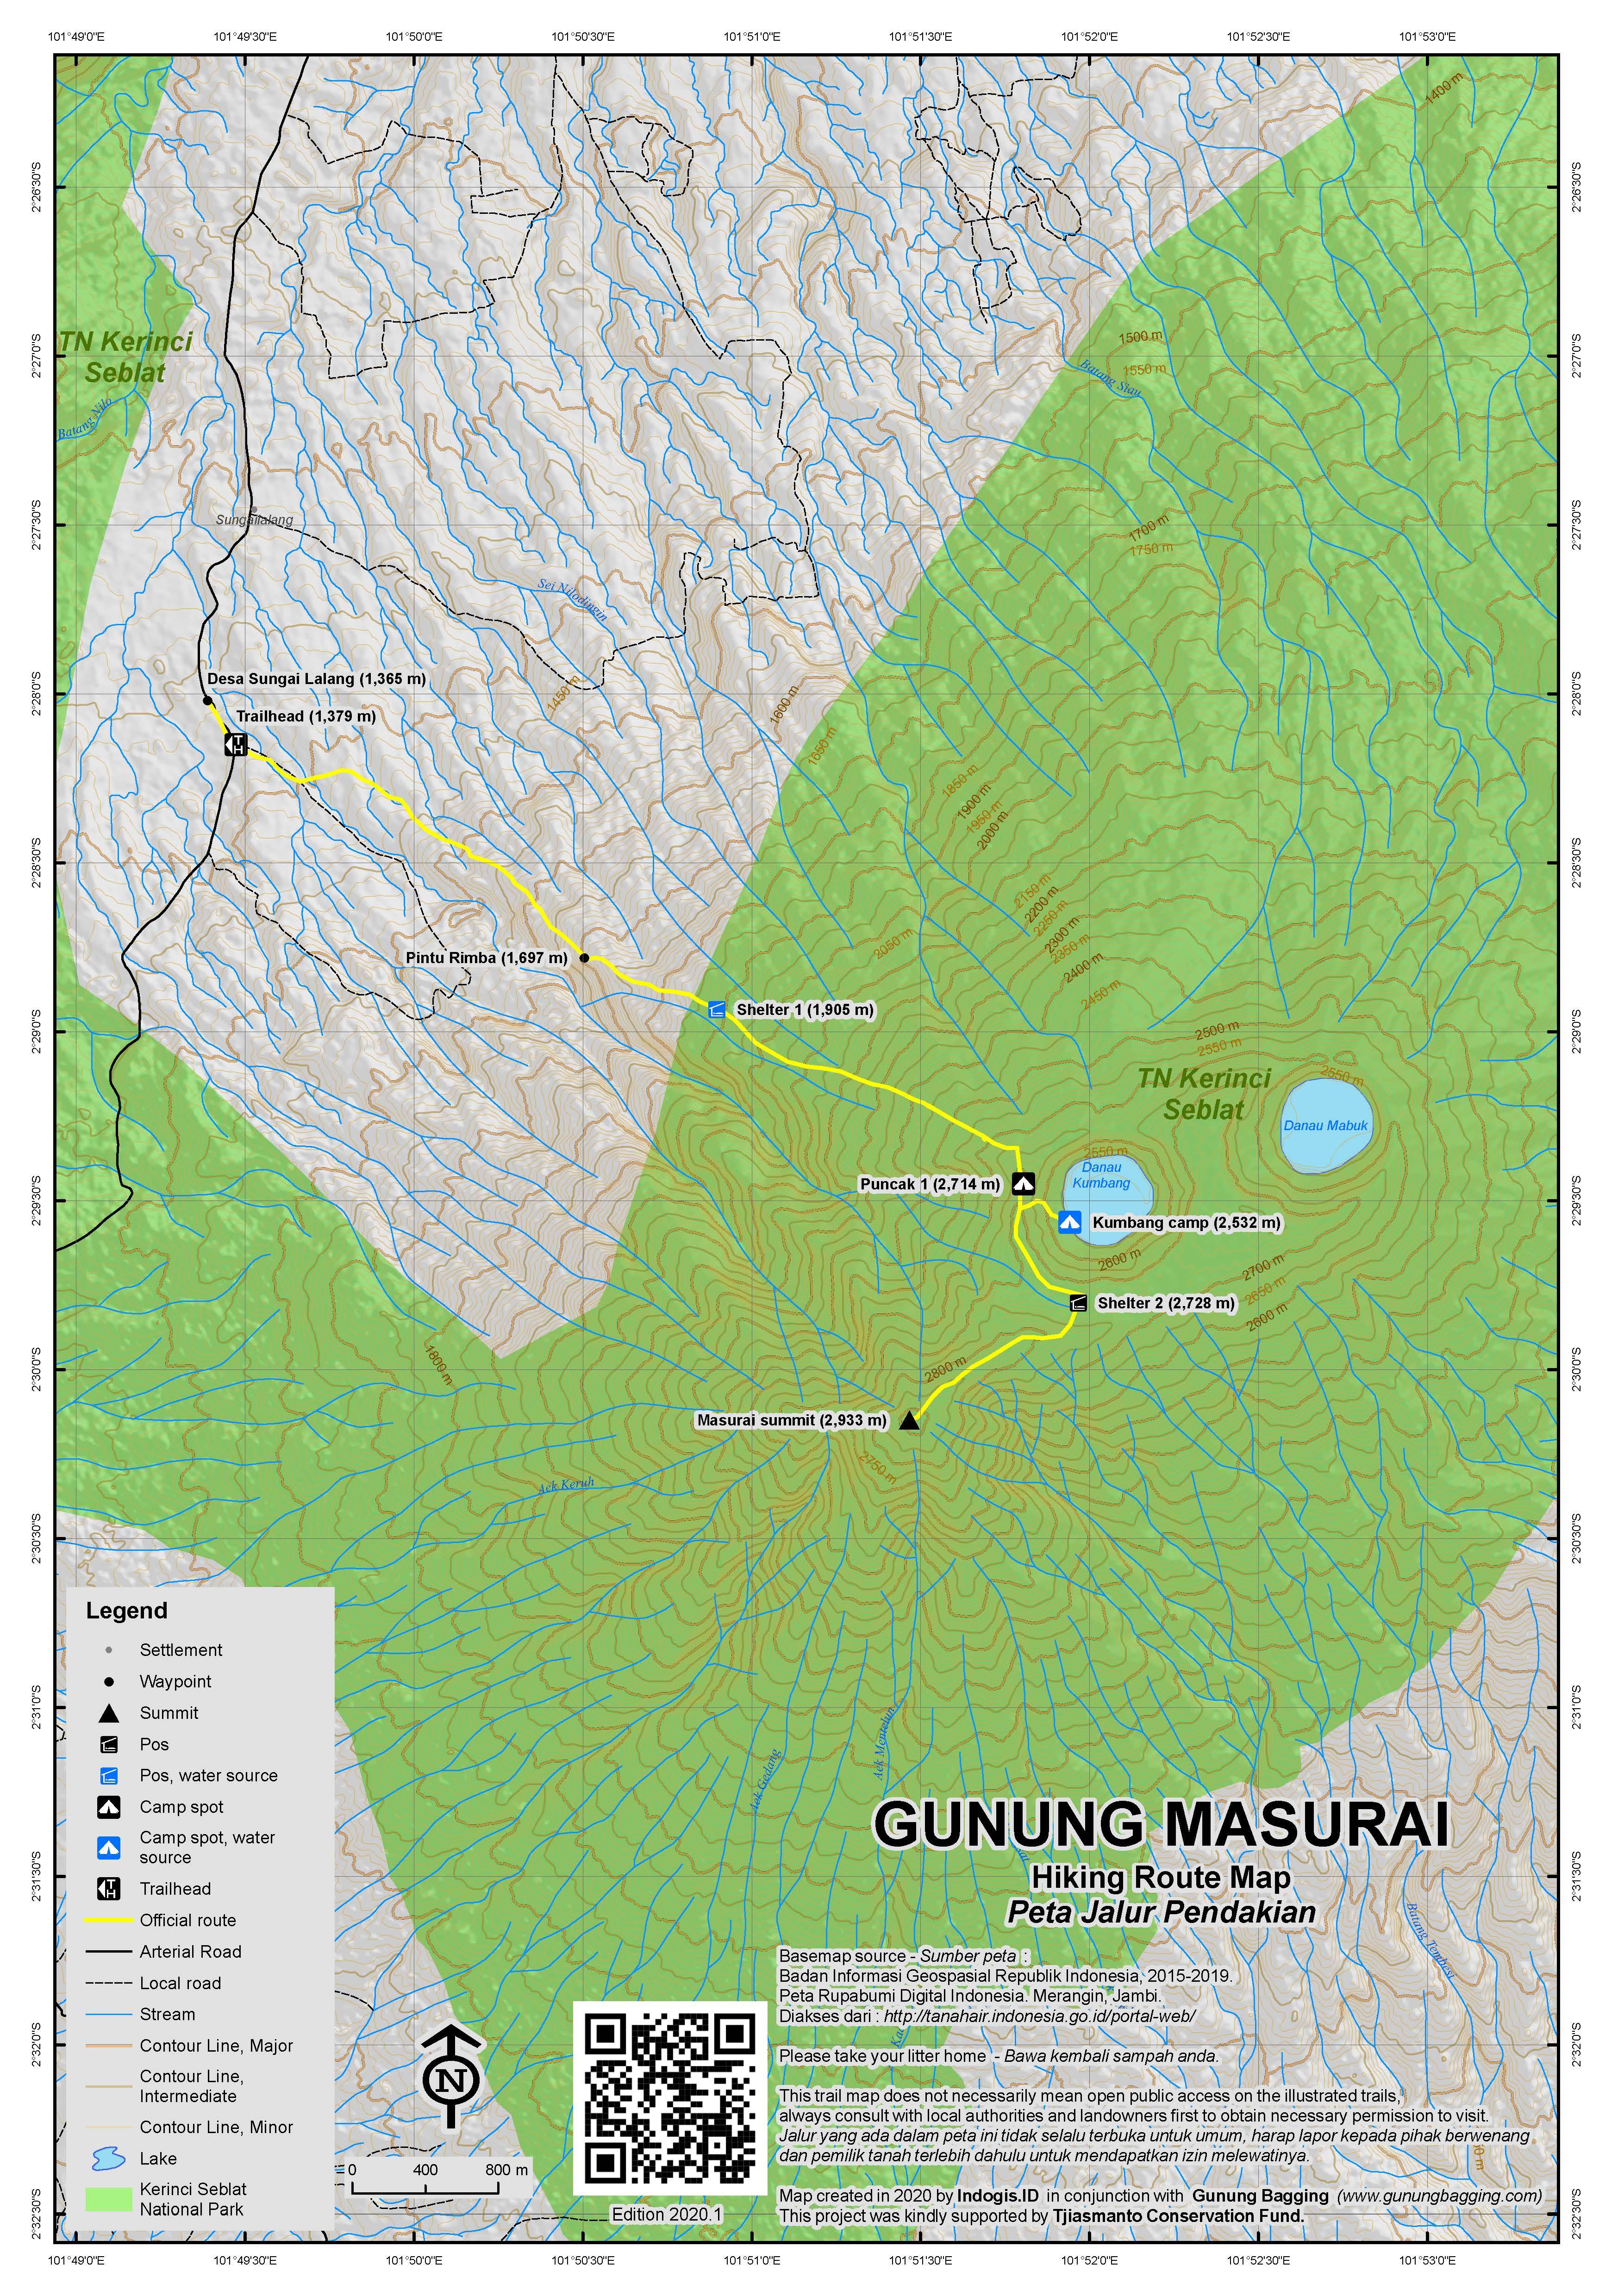 Peta Jalur Pendakian Gunung Masurai